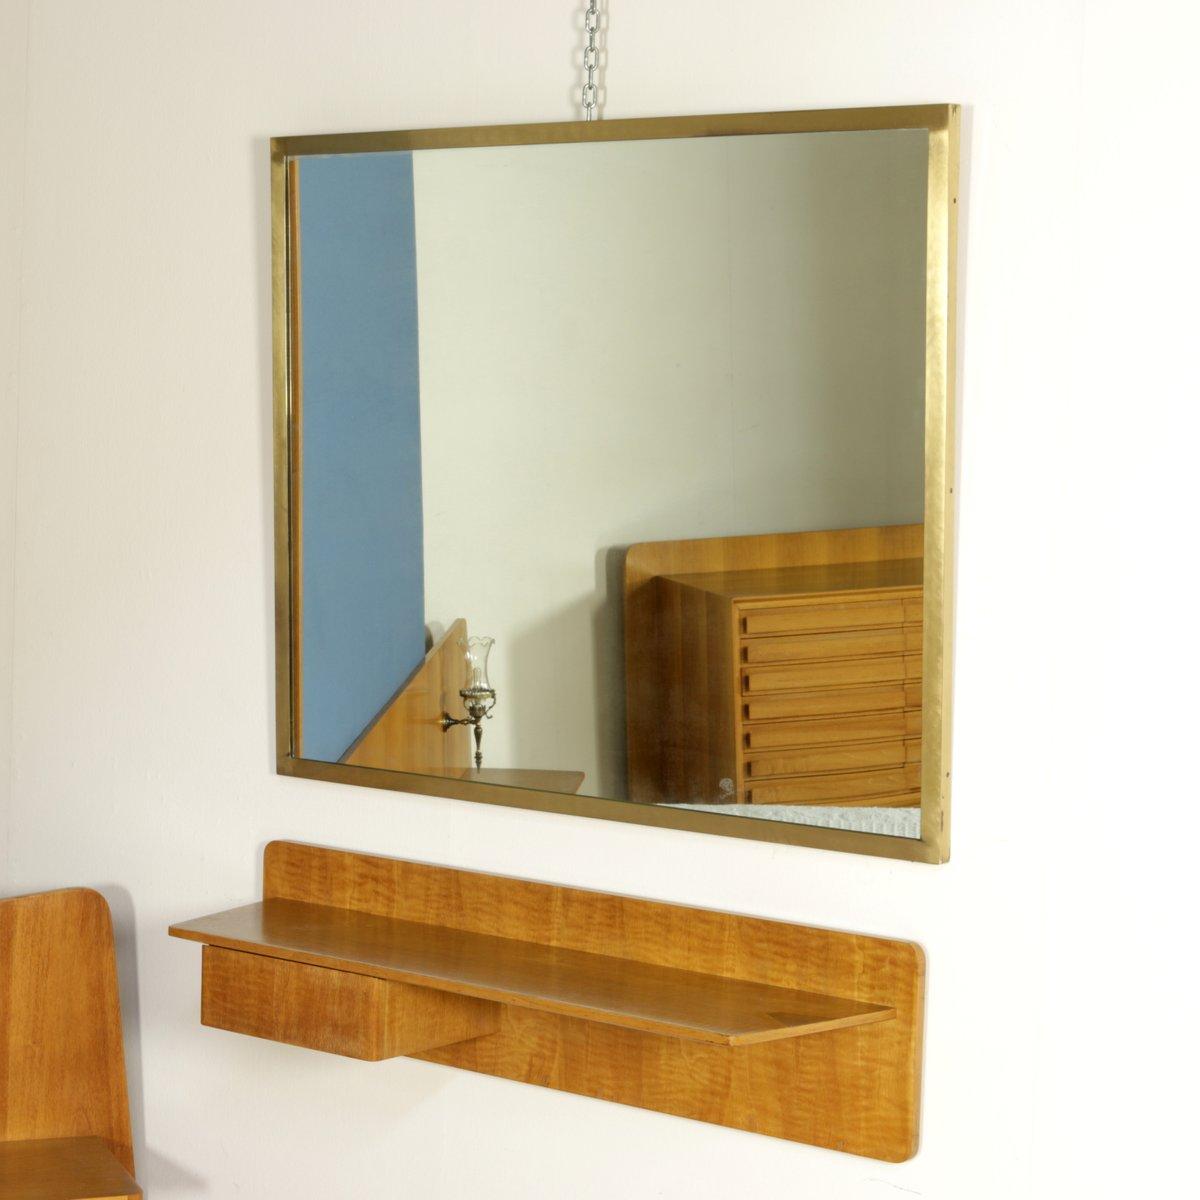 spiegel mit ablage aus nussholz furnier und messing 1960er bei pamono kaufen. Black Bedroom Furniture Sets. Home Design Ideas